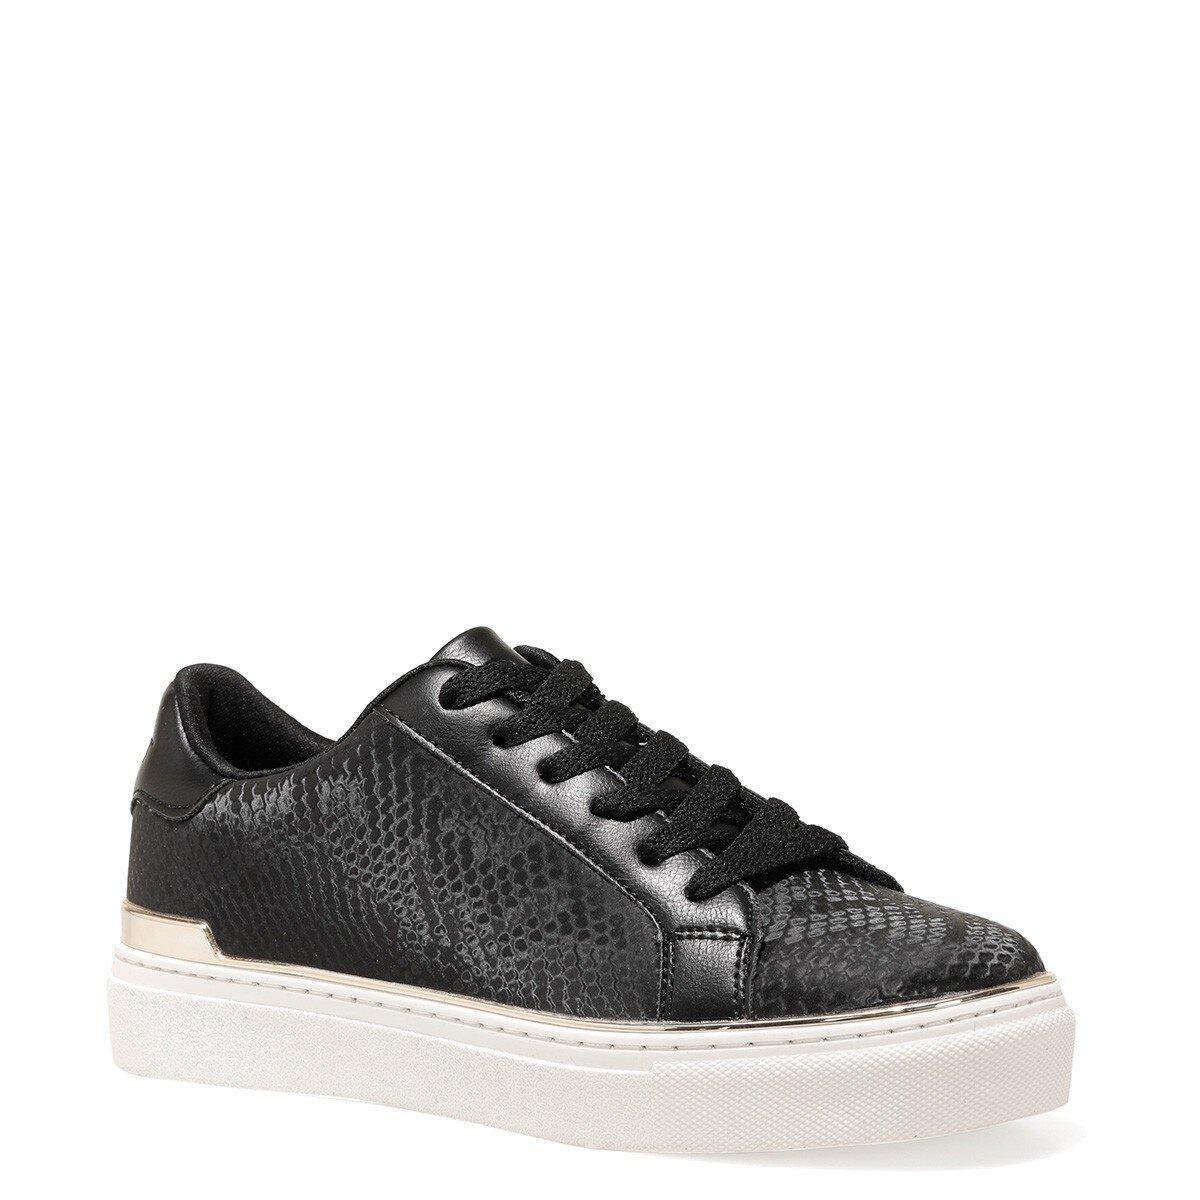 BEGANA 1FX Siyah Kadın Sneaker